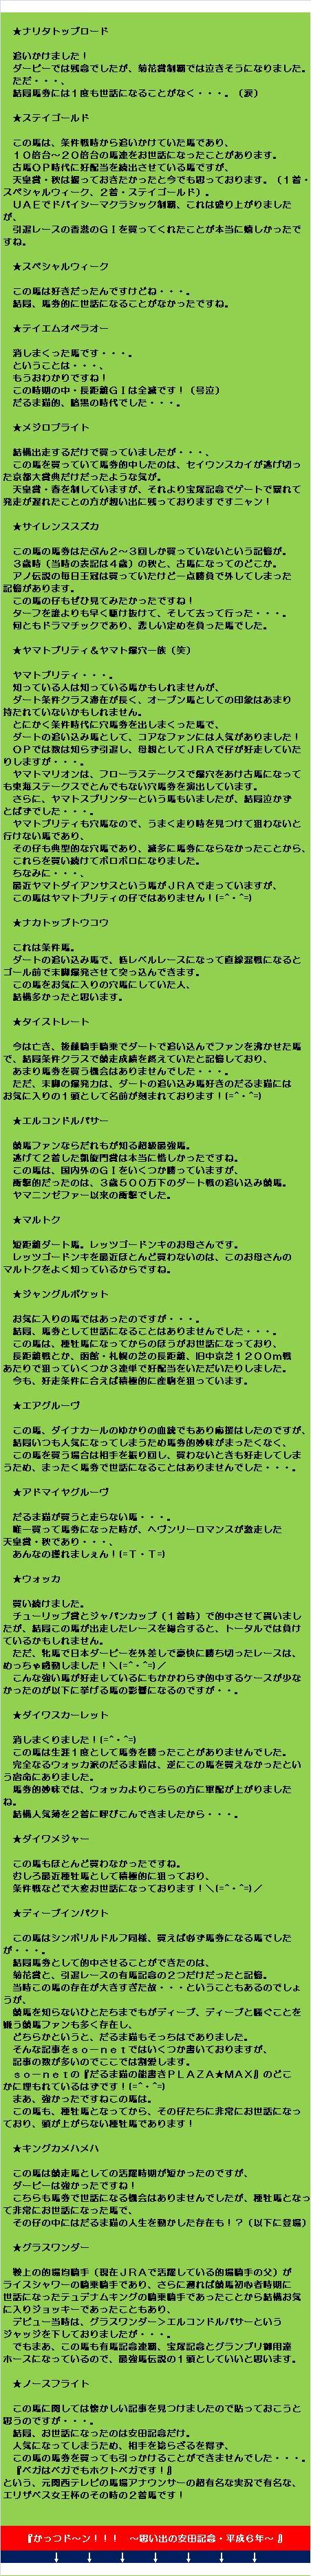 20160507・ブログ記事-10.jpg